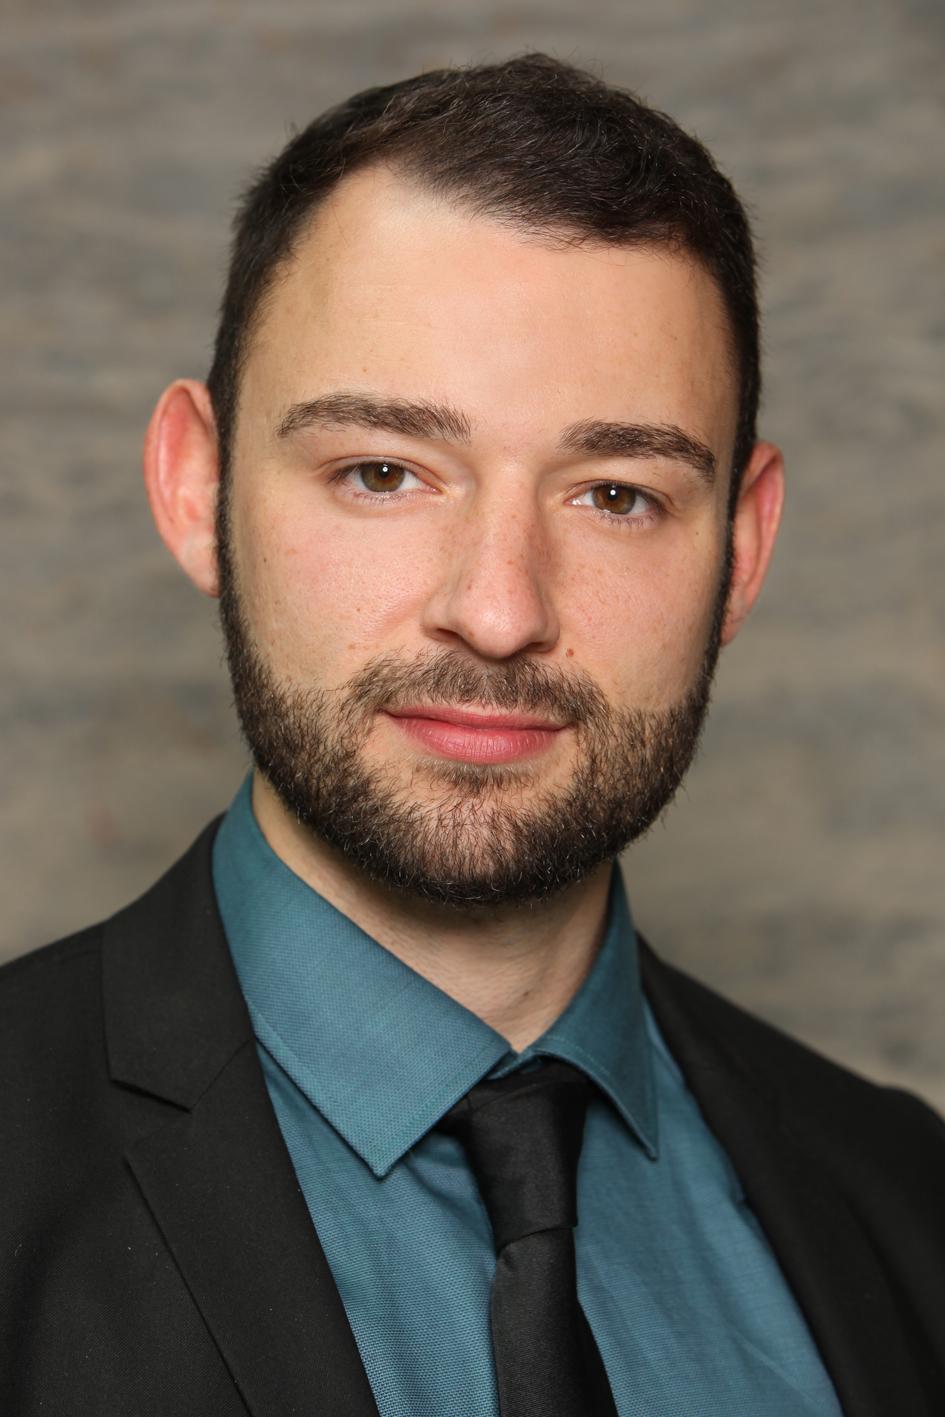 Anton Stephan